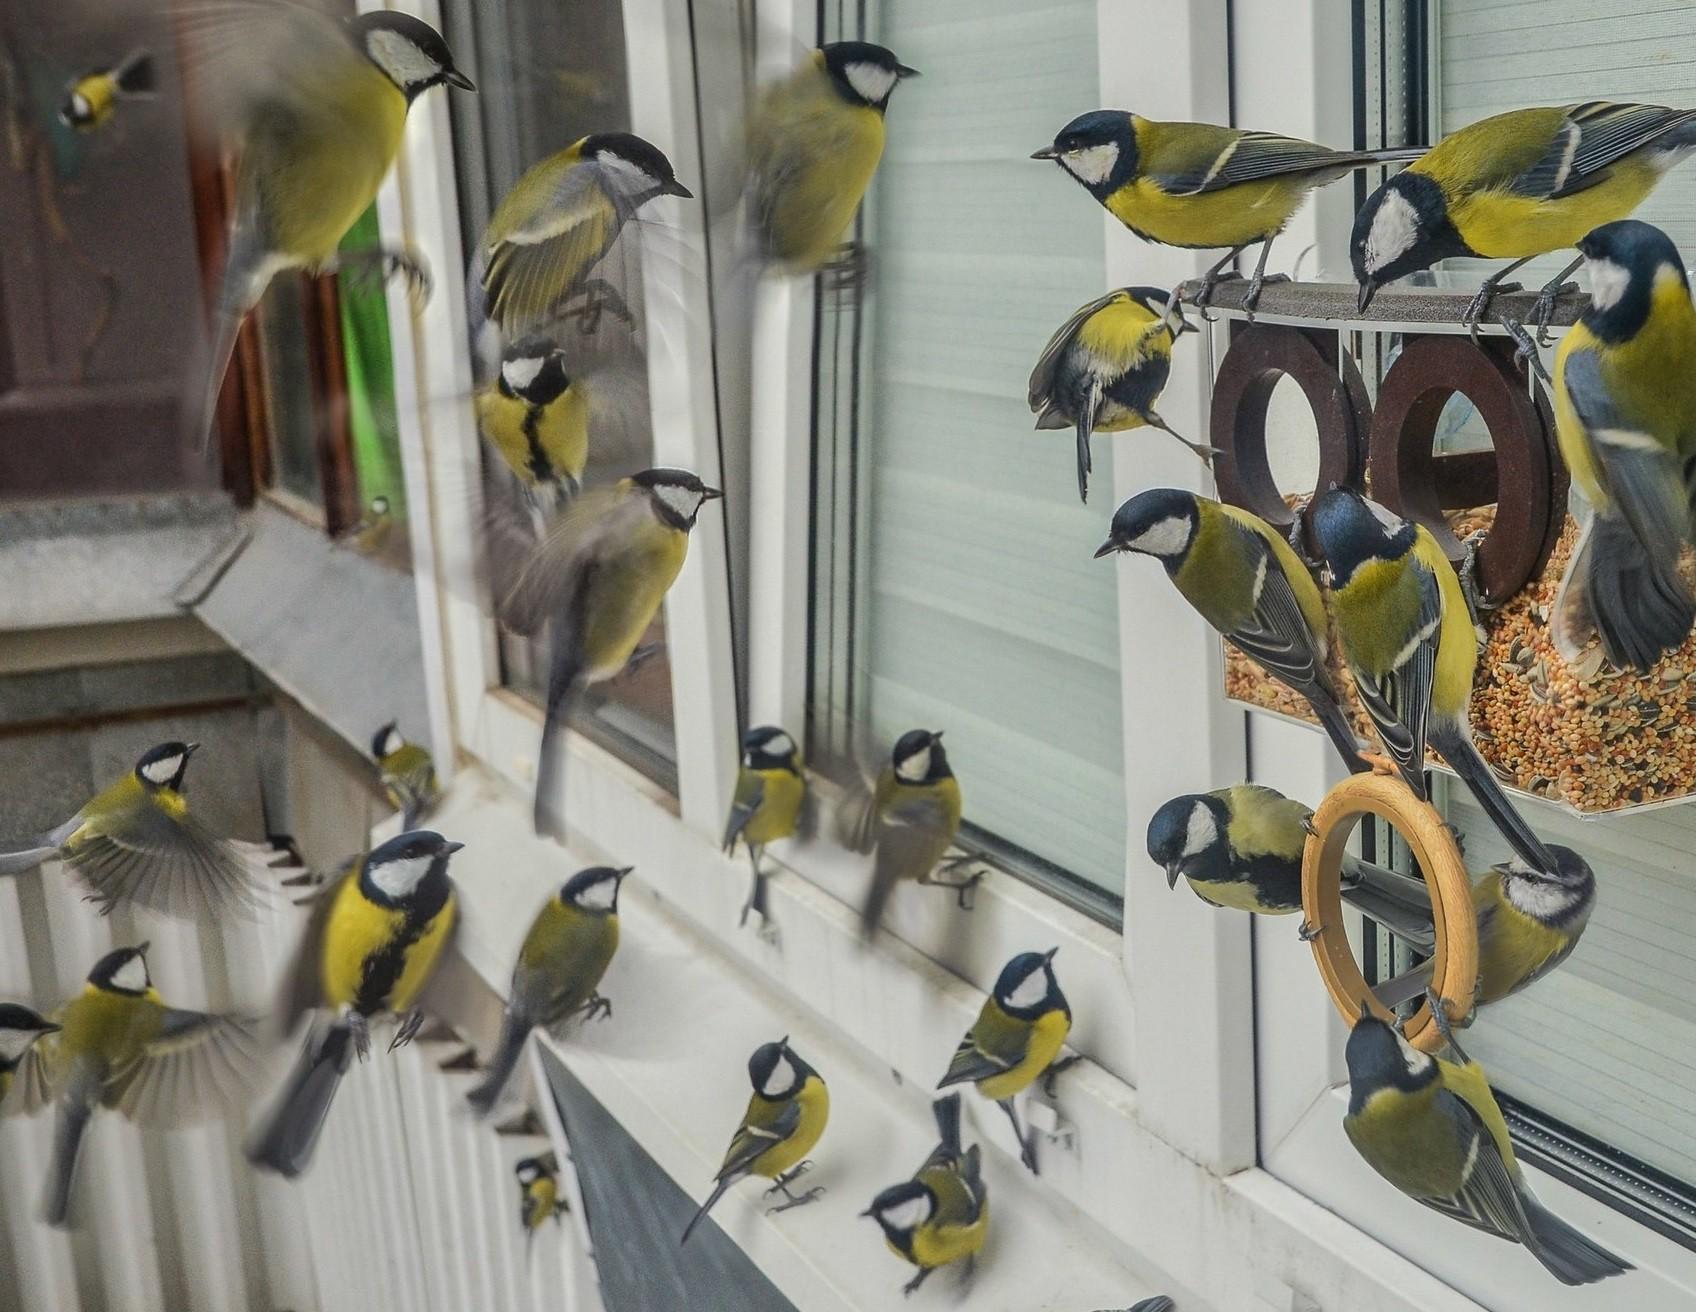 стая птиц на балконе кушает с кормушки